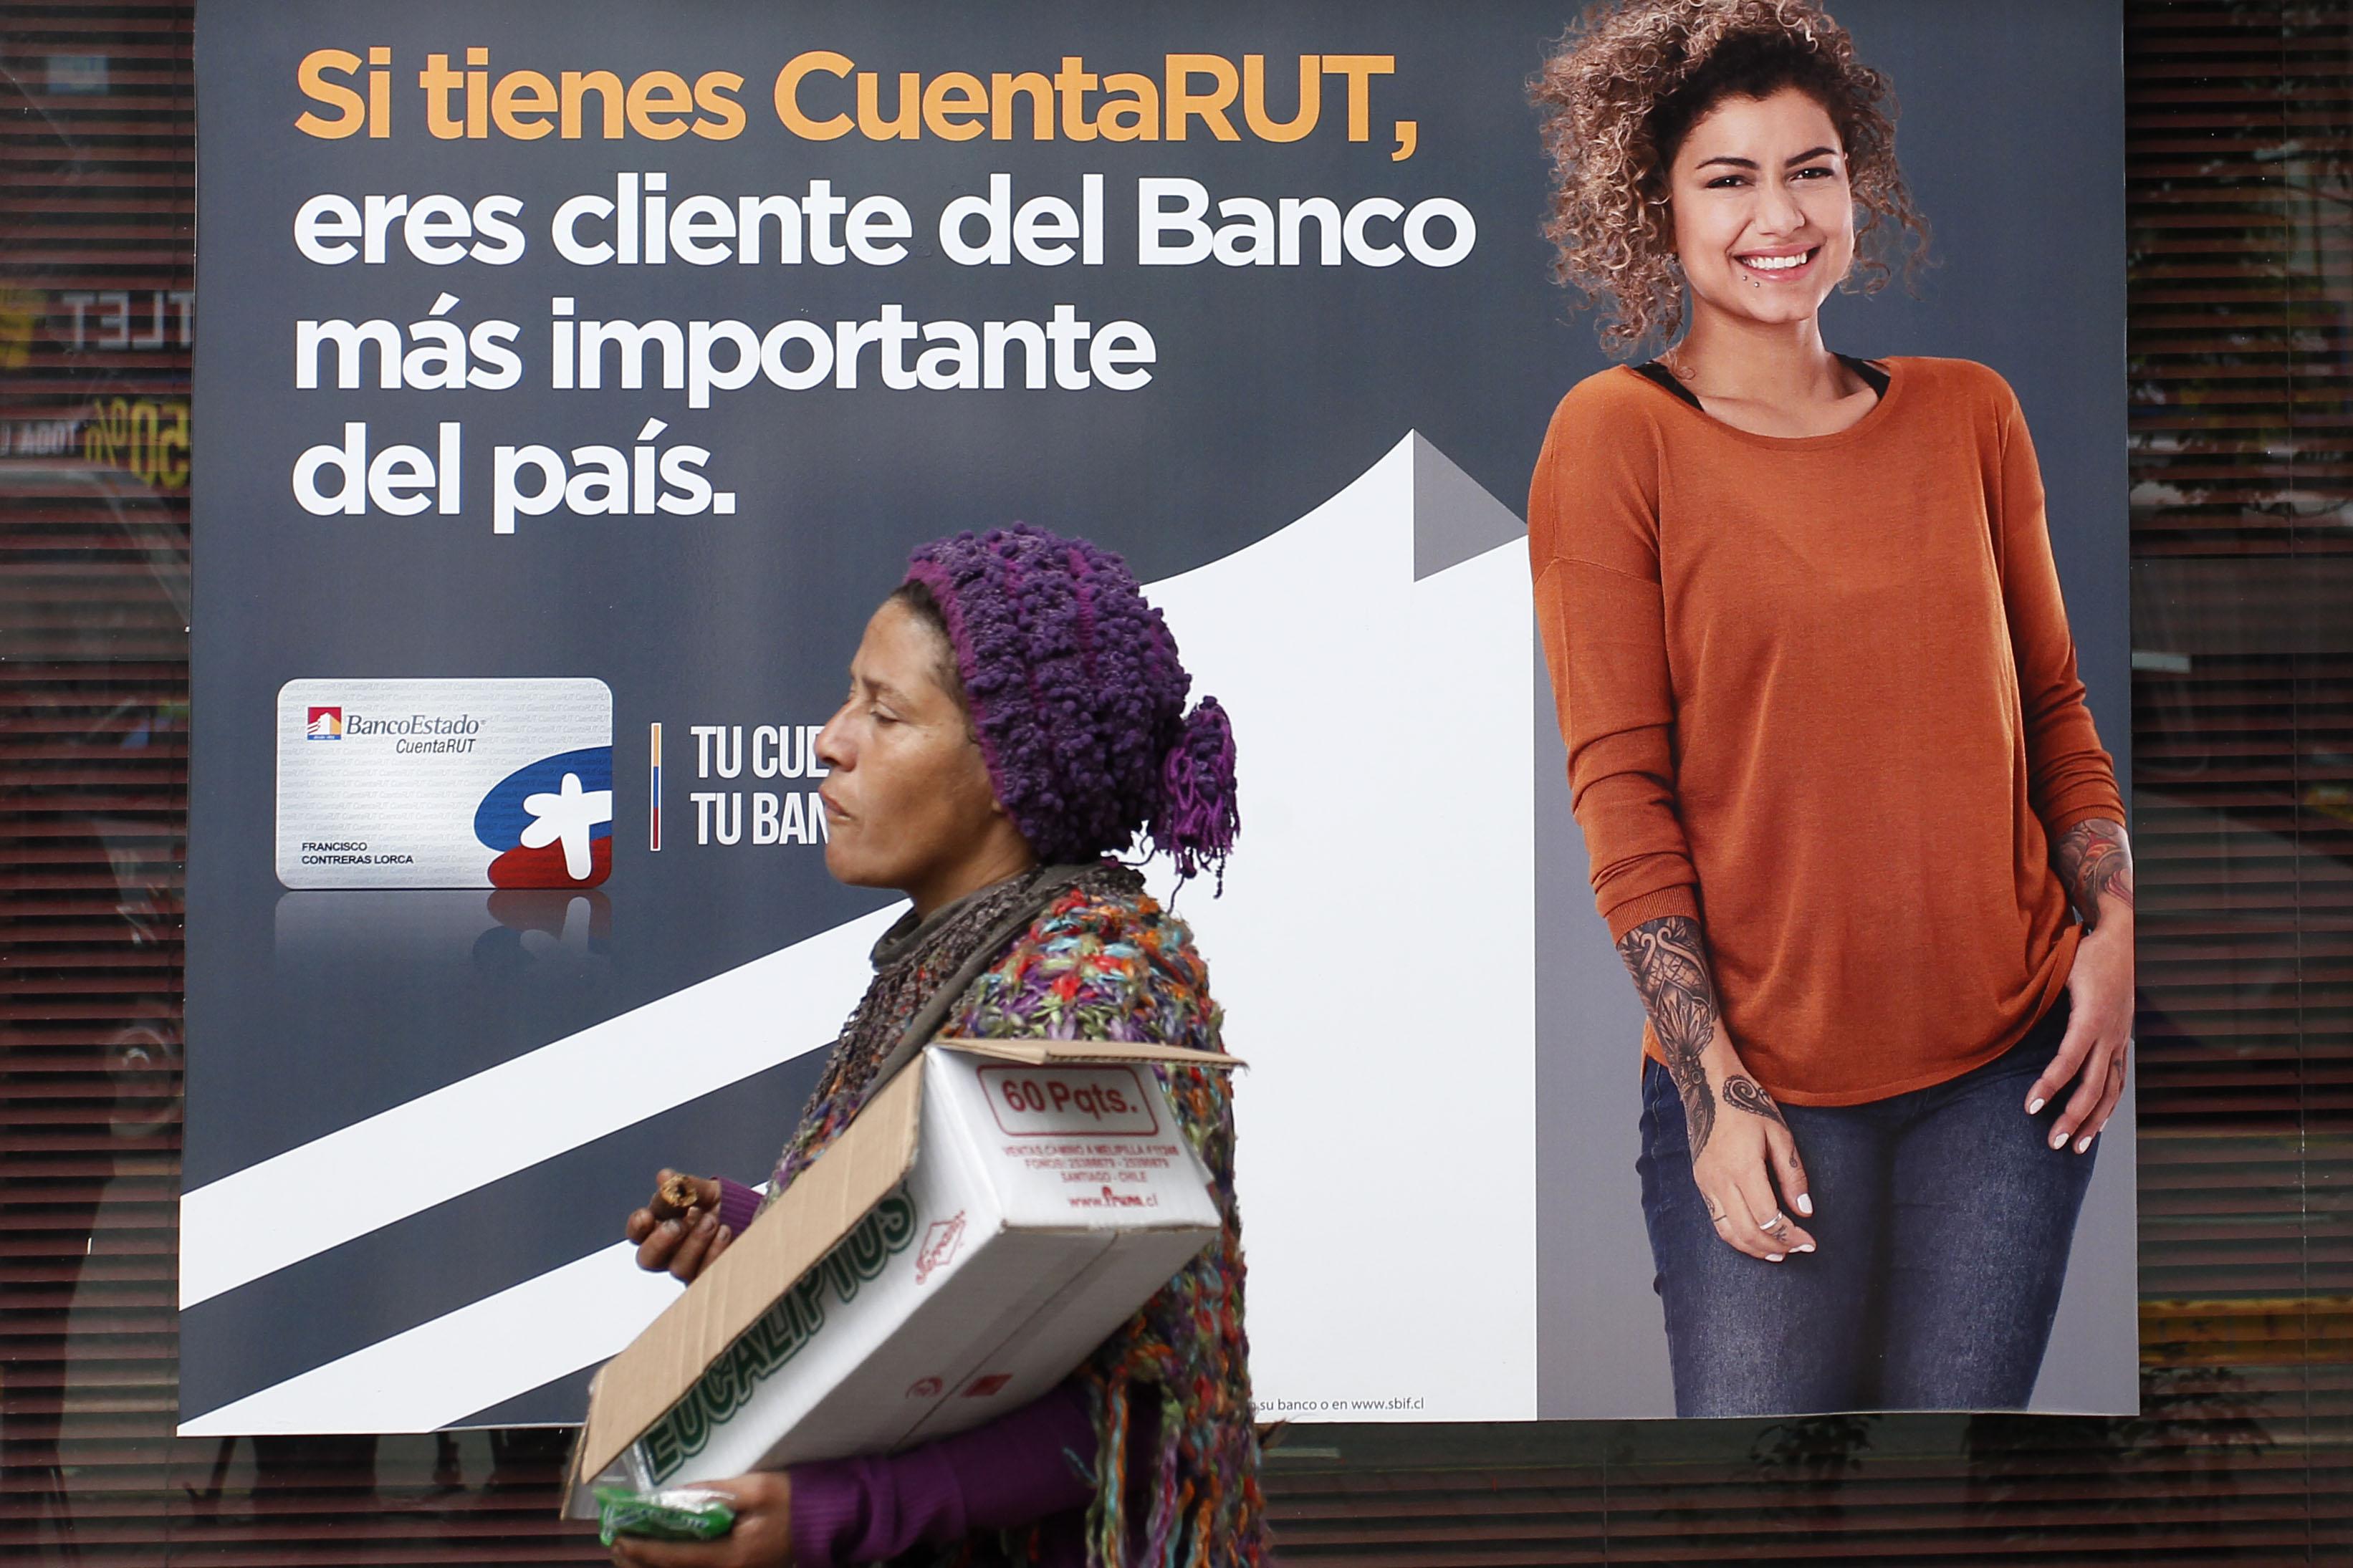 """""""BancoEstado elimina uno de los cobros más cuestionados y odiosos de la CuentaRut"""""""